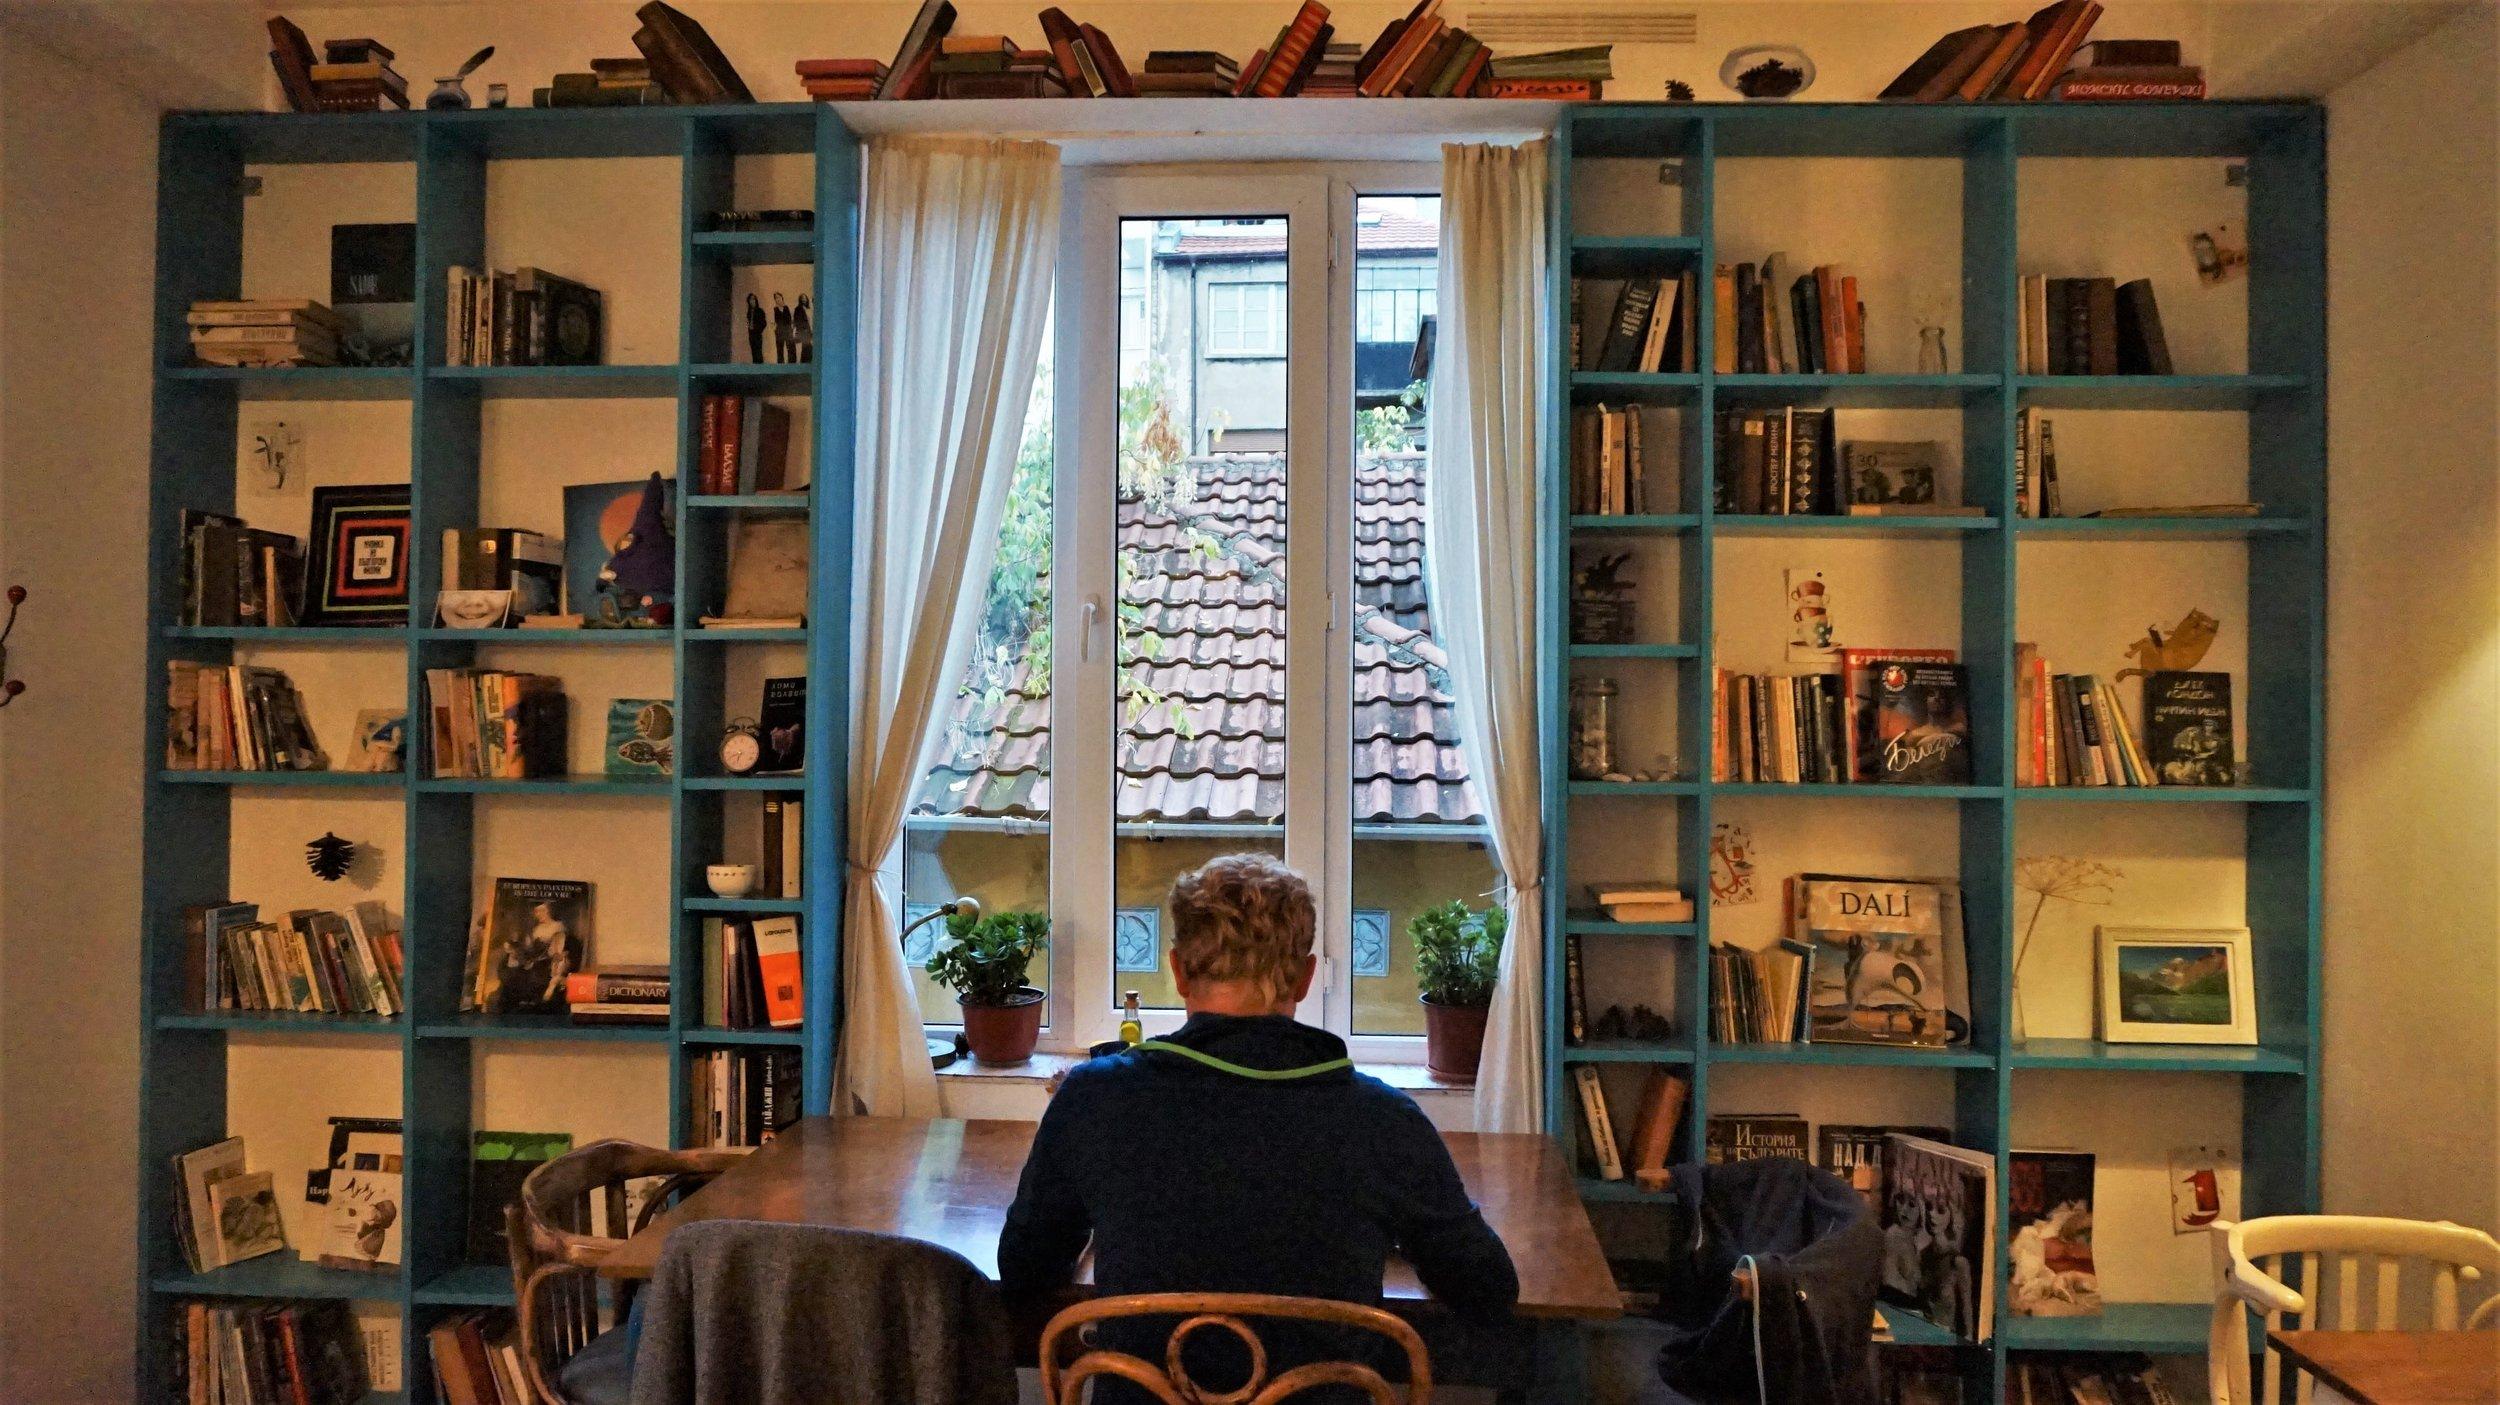 the little things restaurant sofia-min.jpg